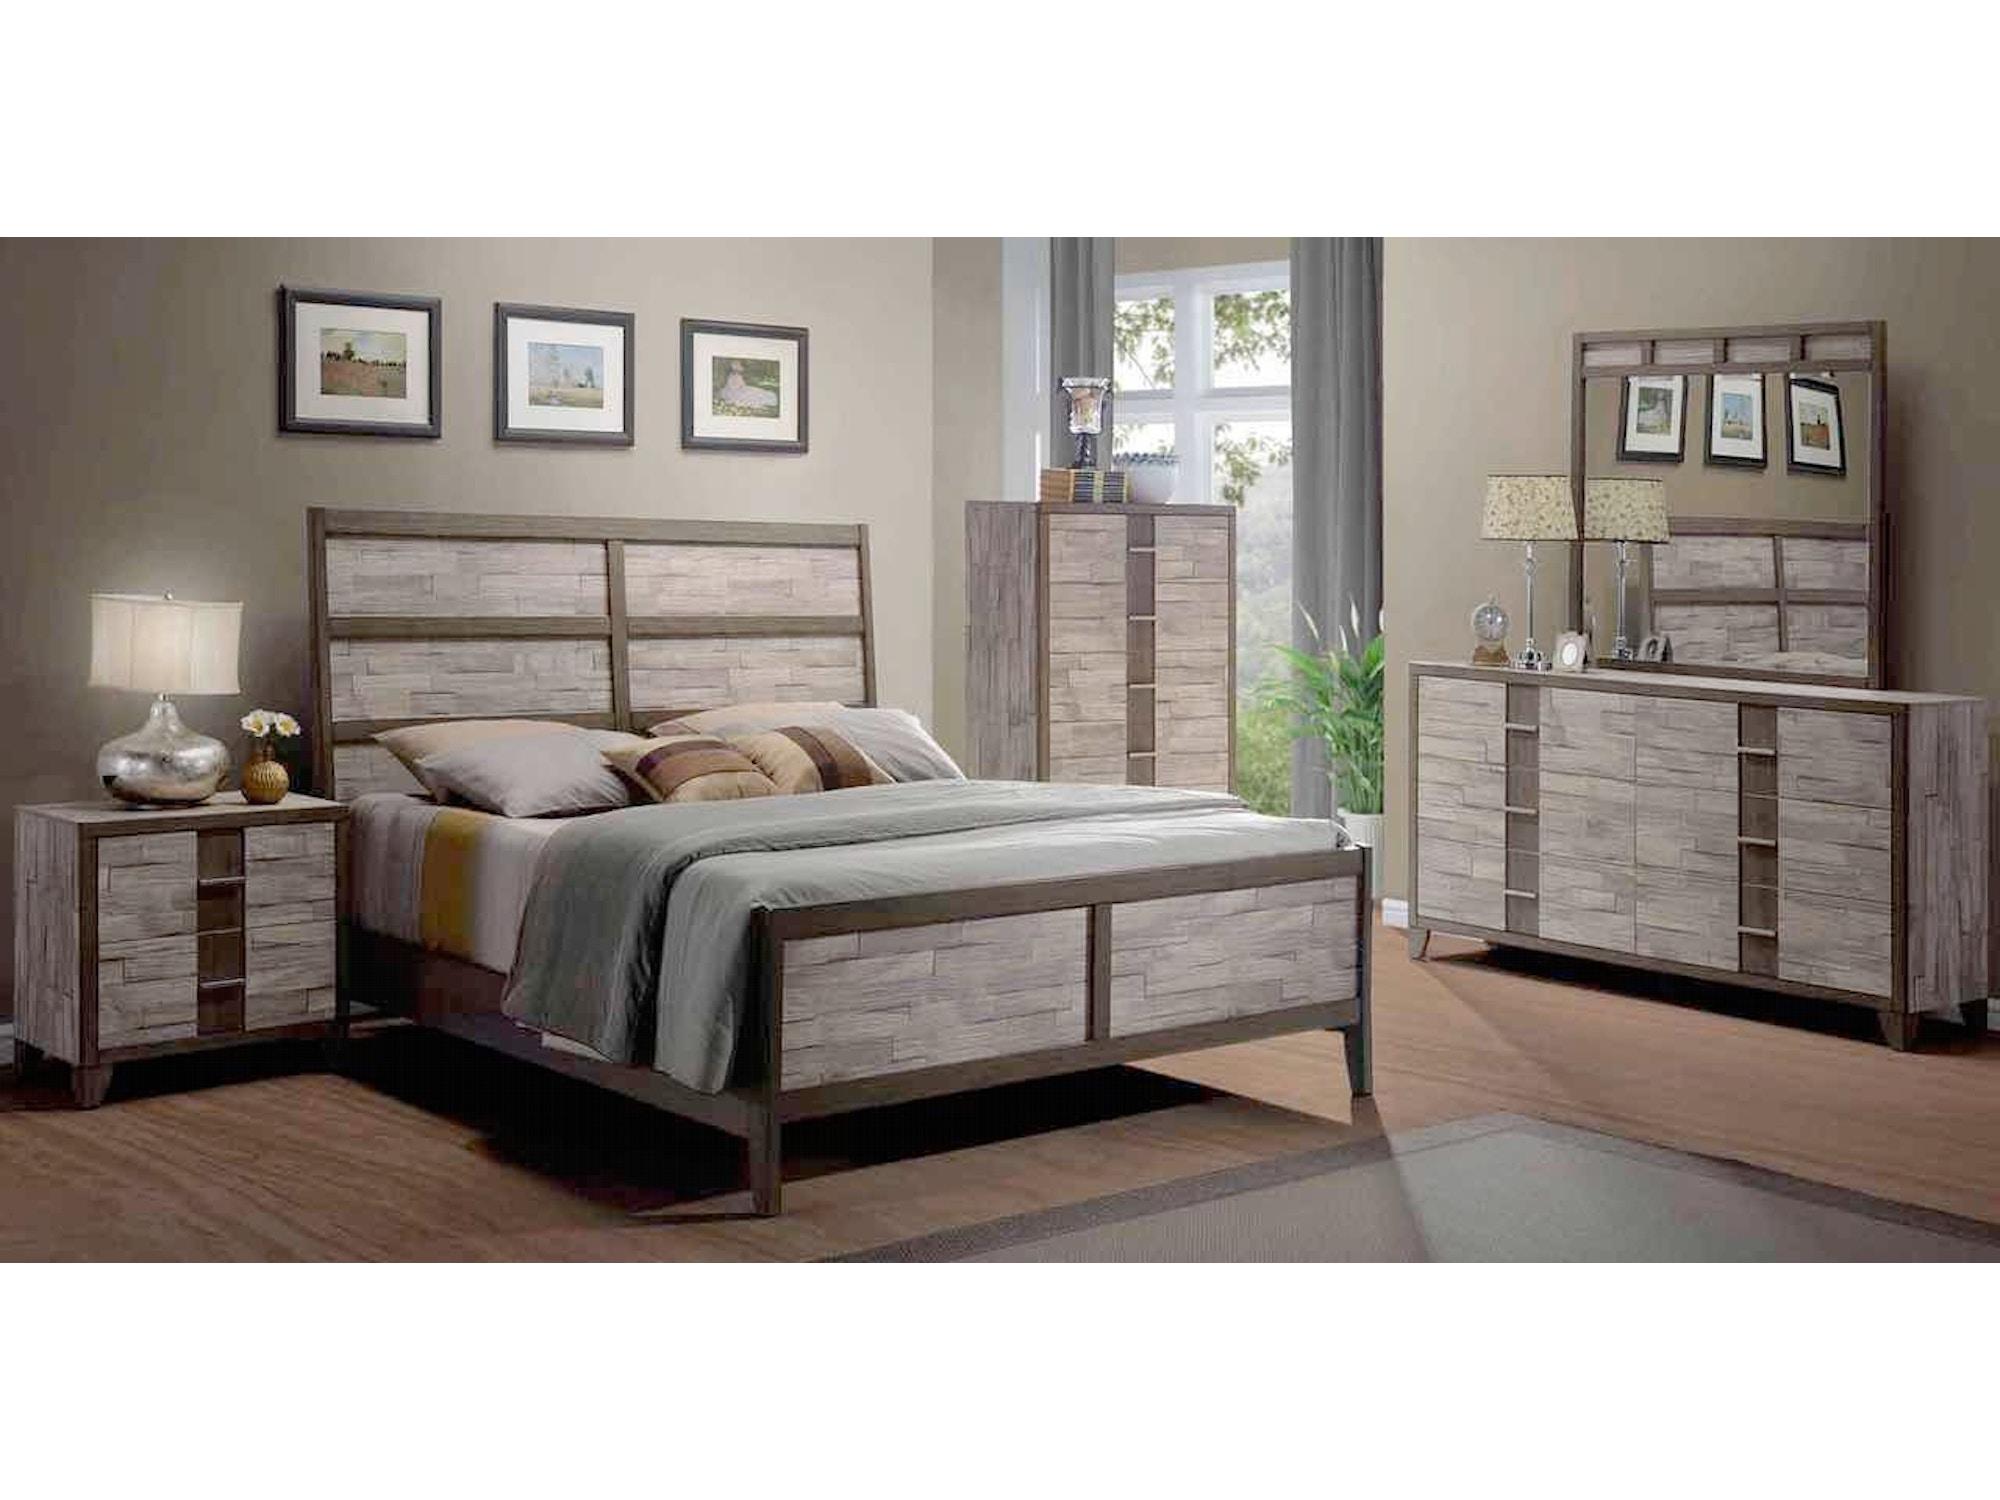 Bernards Bedroom Master Bedroom Sets Furniture Fair Cincinnati - Furniture fair bedroom sets